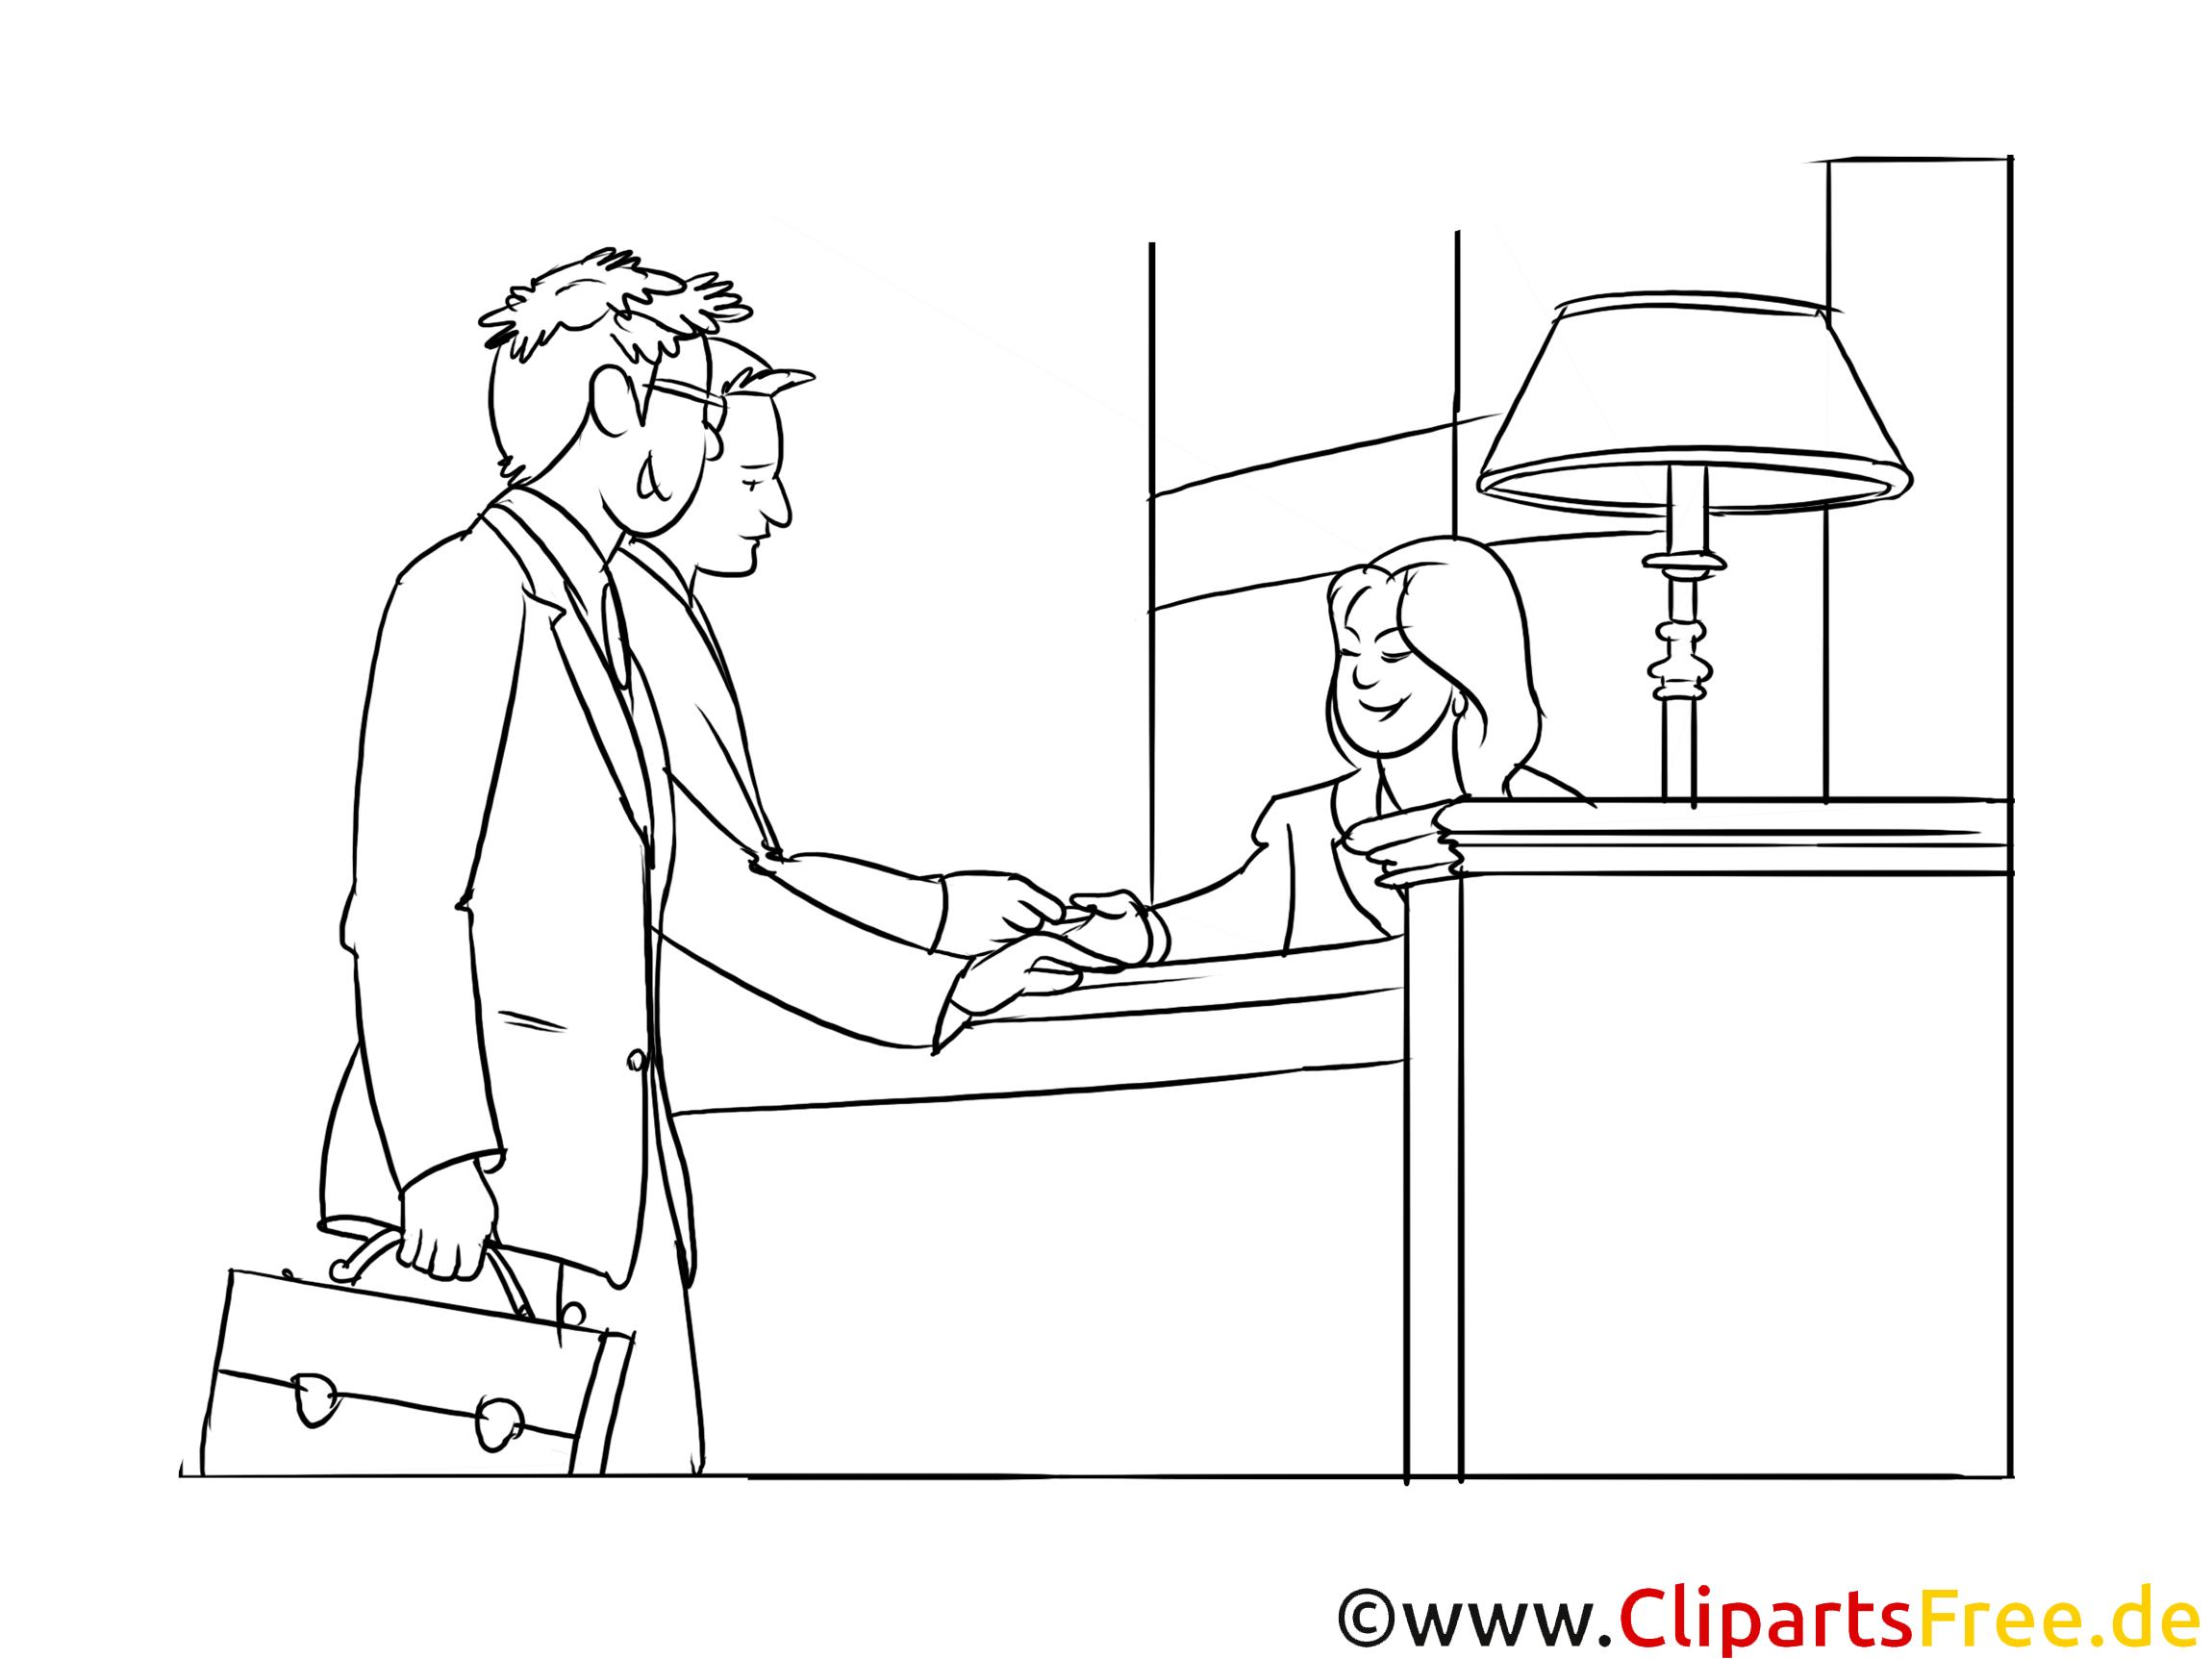 Hotelkaufmann Clipart, Grafik, Bild schwarz-weiß